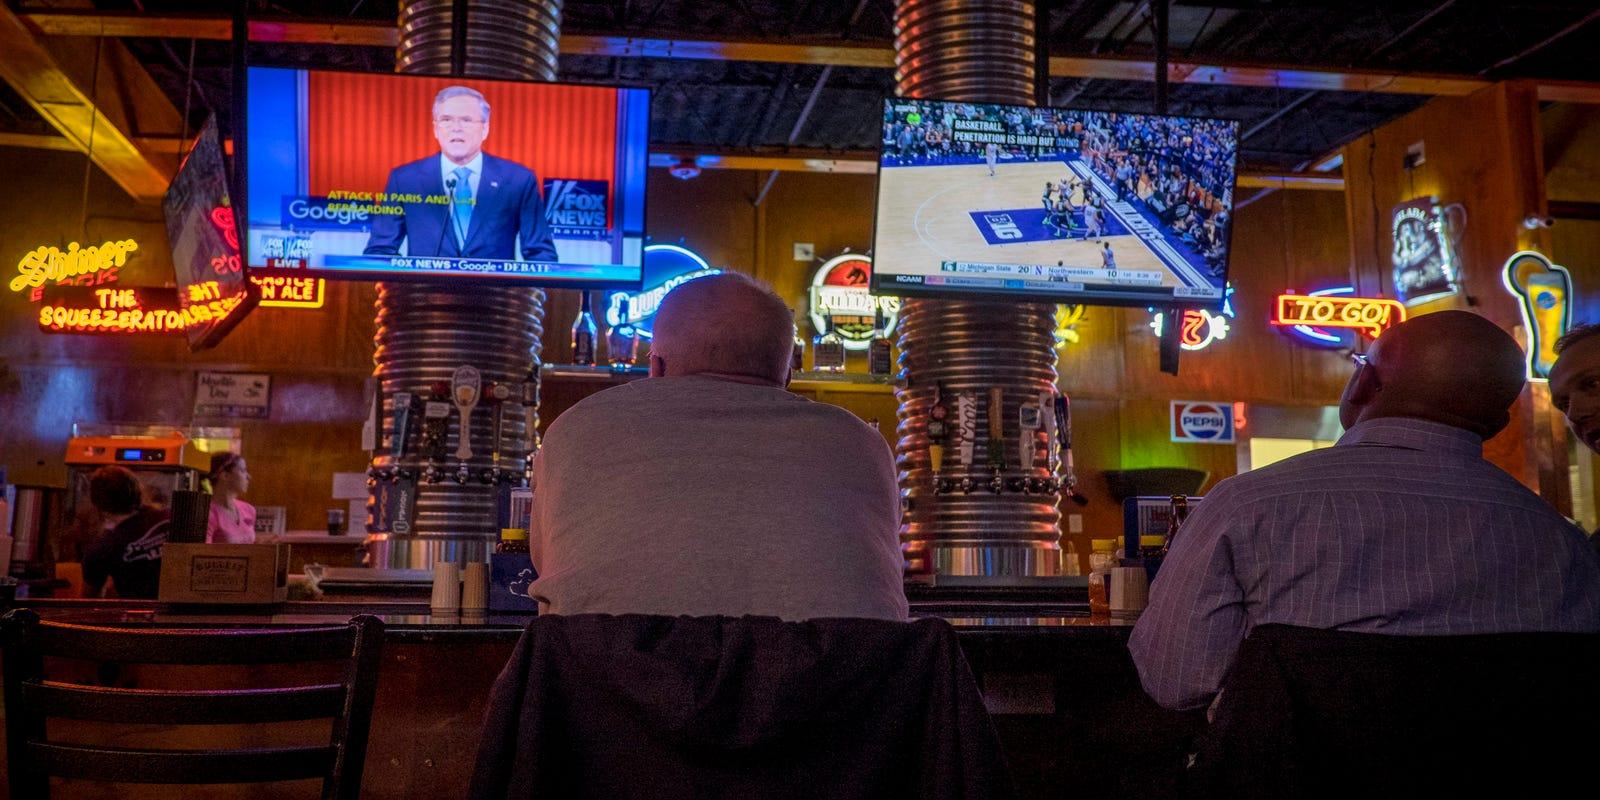 Fox News debate (minus Trump) pulls in 12 5M viewers